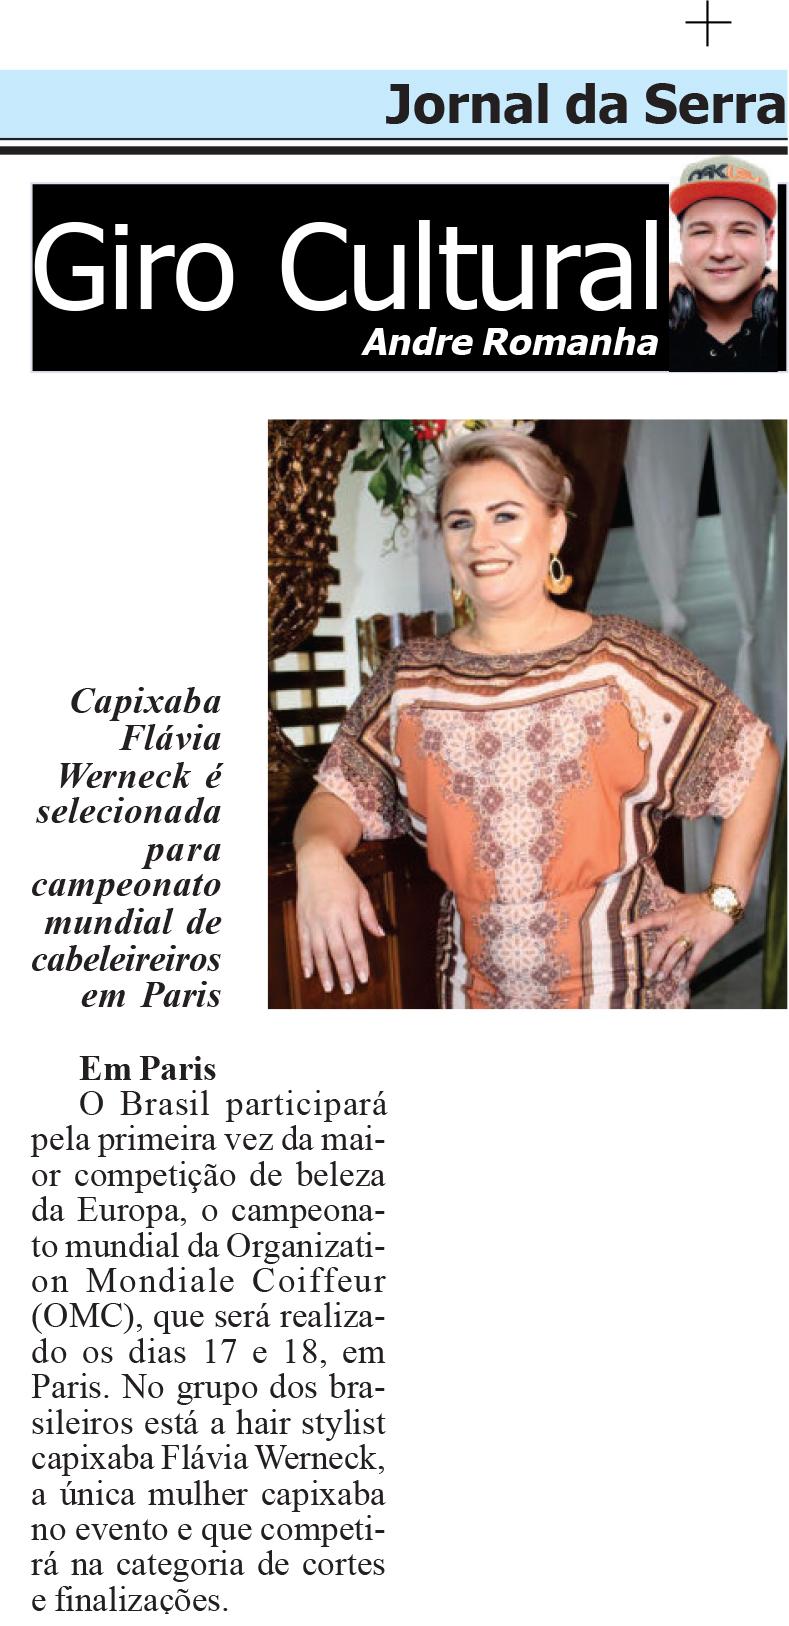 Ervas Naturais- 08-09-17- Jornal da Serra - Pag. 08